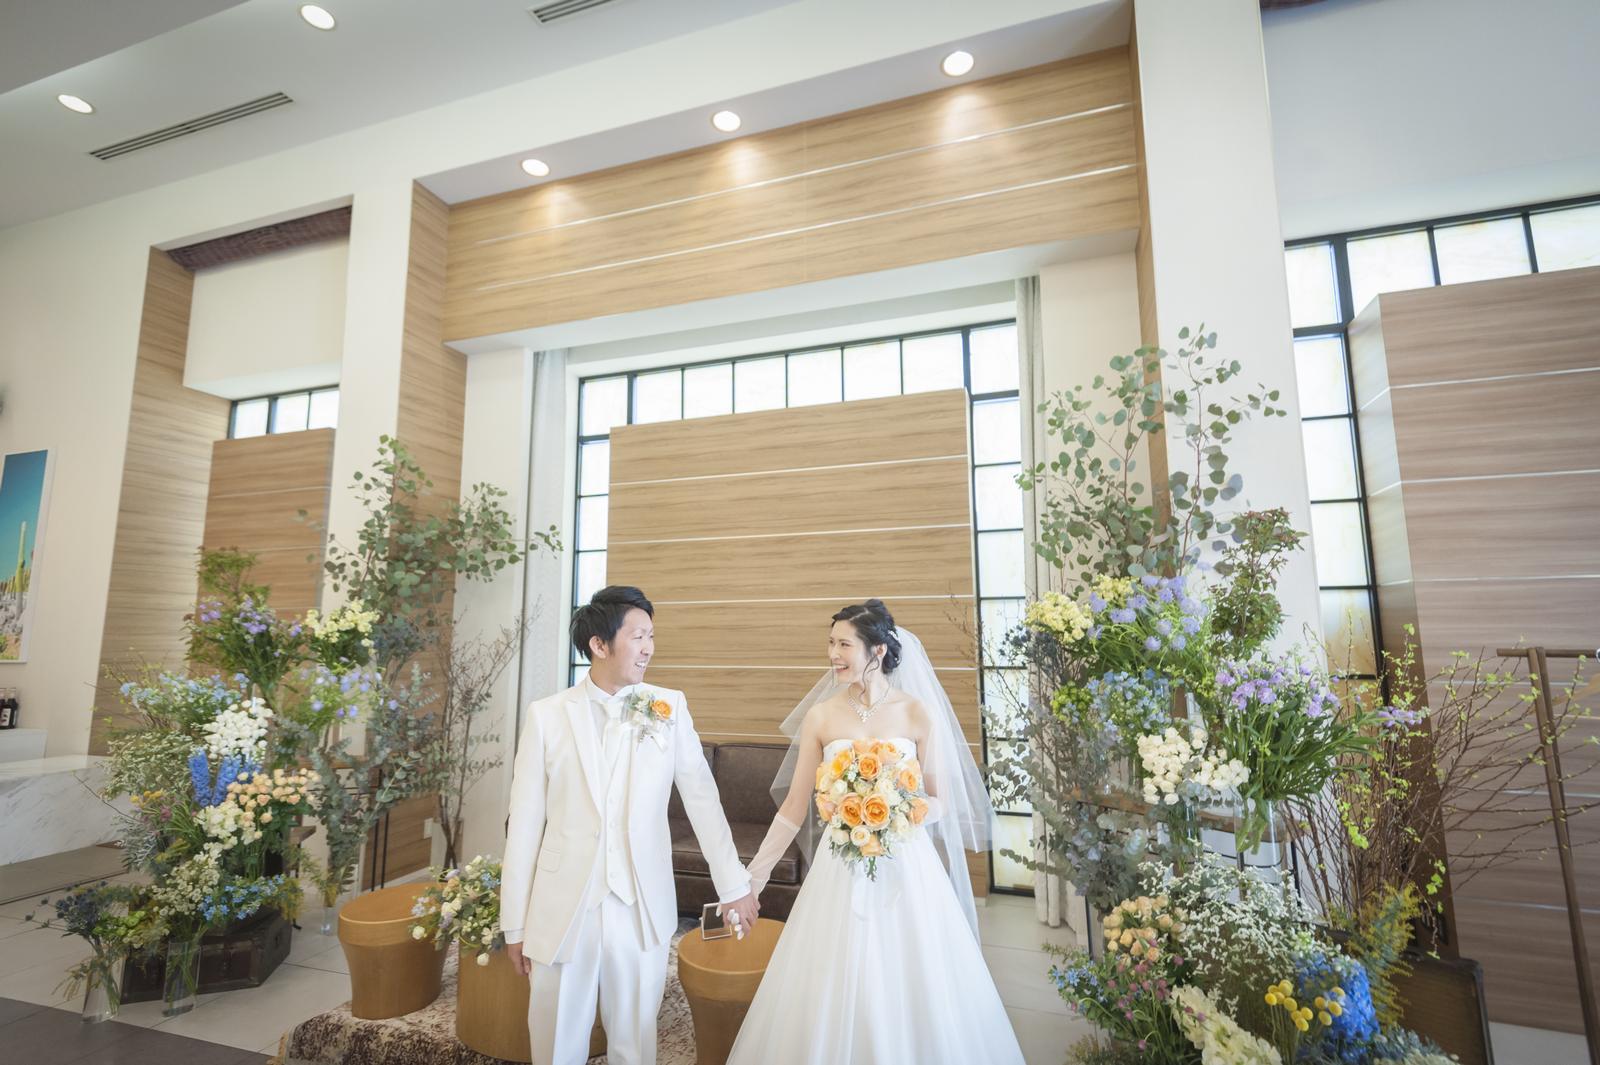 香川の結婚式場シェルエメール&アイスタイルのナチュラル会場